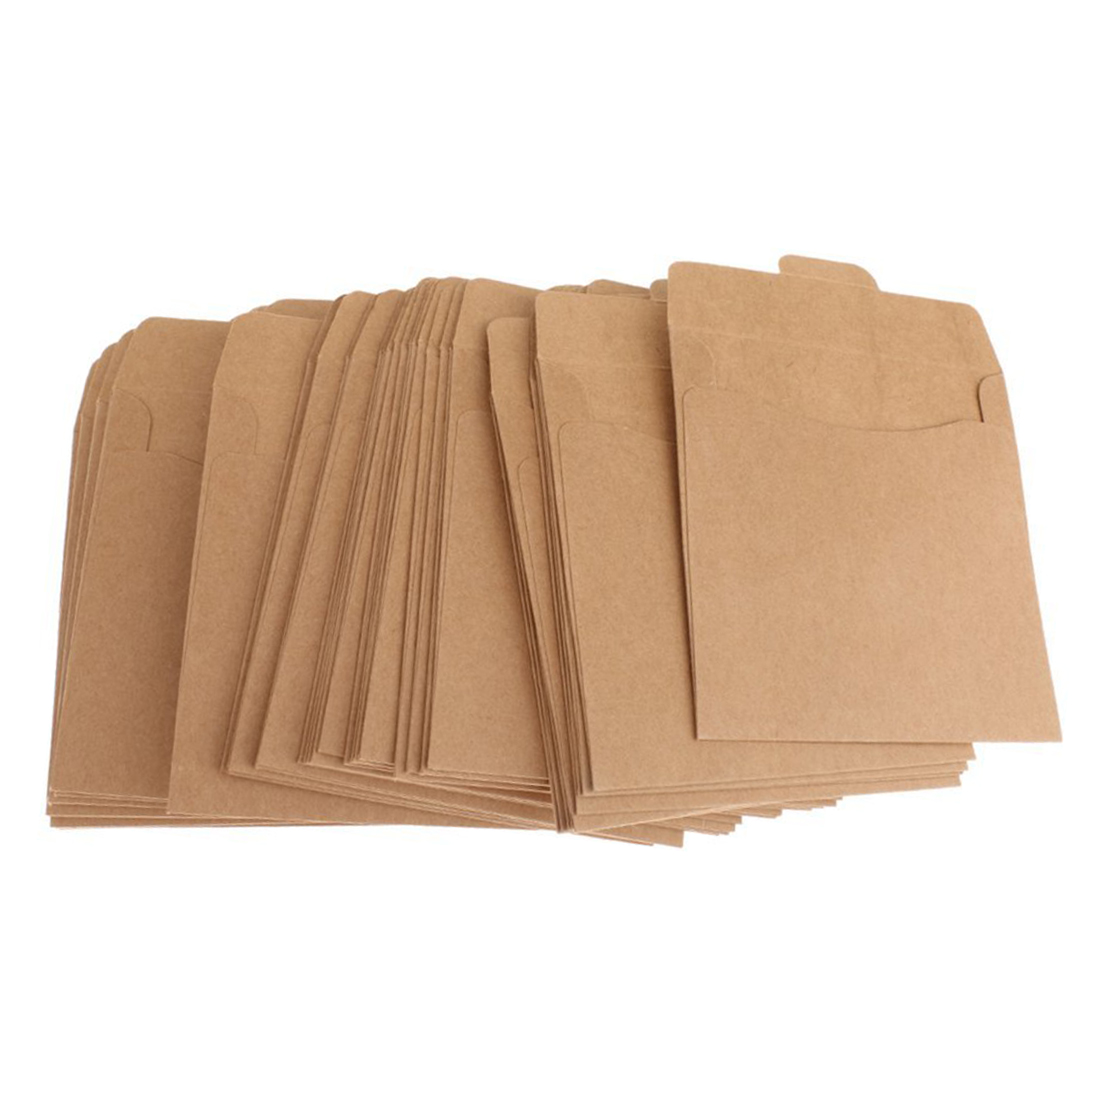 Pack of 50 CD DVD Sleeves Disc Paper Bags